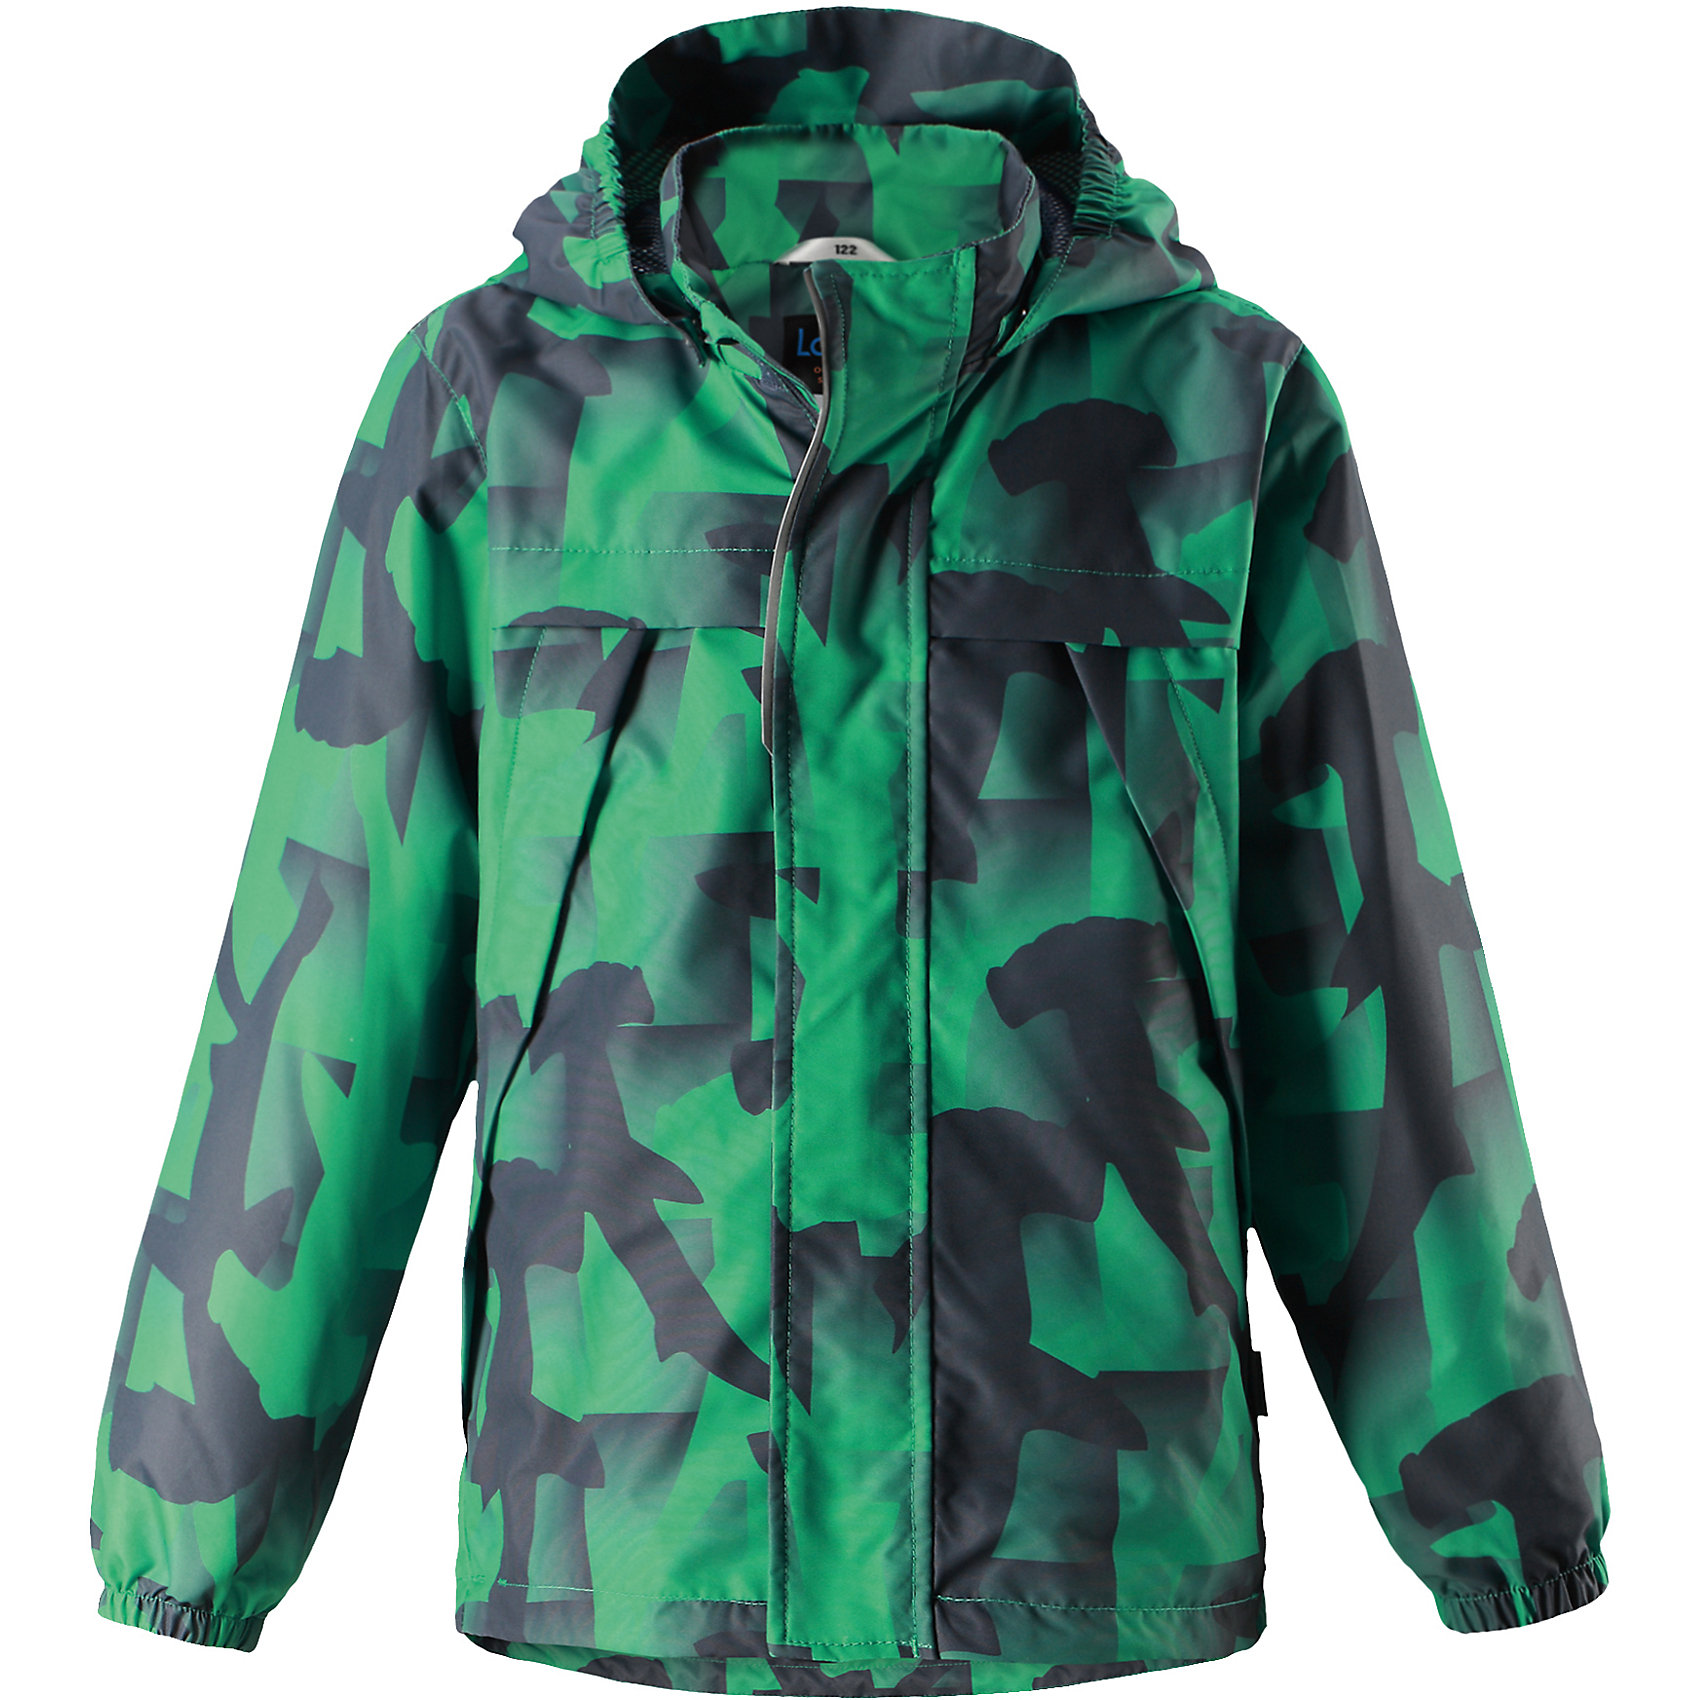 Куртка для мальчика LASSIEКурткадля мальчика LASSIE<br>Состав:<br>100% Полиэстер, полиуретановое покрытие<br> Куртка для детей<br> Водоотталкивающий, ветронепроницаемый и «дышащий» материал<br> Подкладка из mesh-сетки<br> Безопасный, съемный капюшон<br> Эластичные манжеты<br> Регулируемый подол<br> Передние карманы<br><br>Ширина мм: 356<br>Глубина мм: 10<br>Высота мм: 245<br>Вес г: 519<br>Цвет: зеленый<br>Возраст от месяцев: 108<br>Возраст до месяцев: 120<br>Пол: Мужской<br>Возраст: Детский<br>Размер: 128,122,140,110,134,98,116,92,104<br>SKU: 5264485